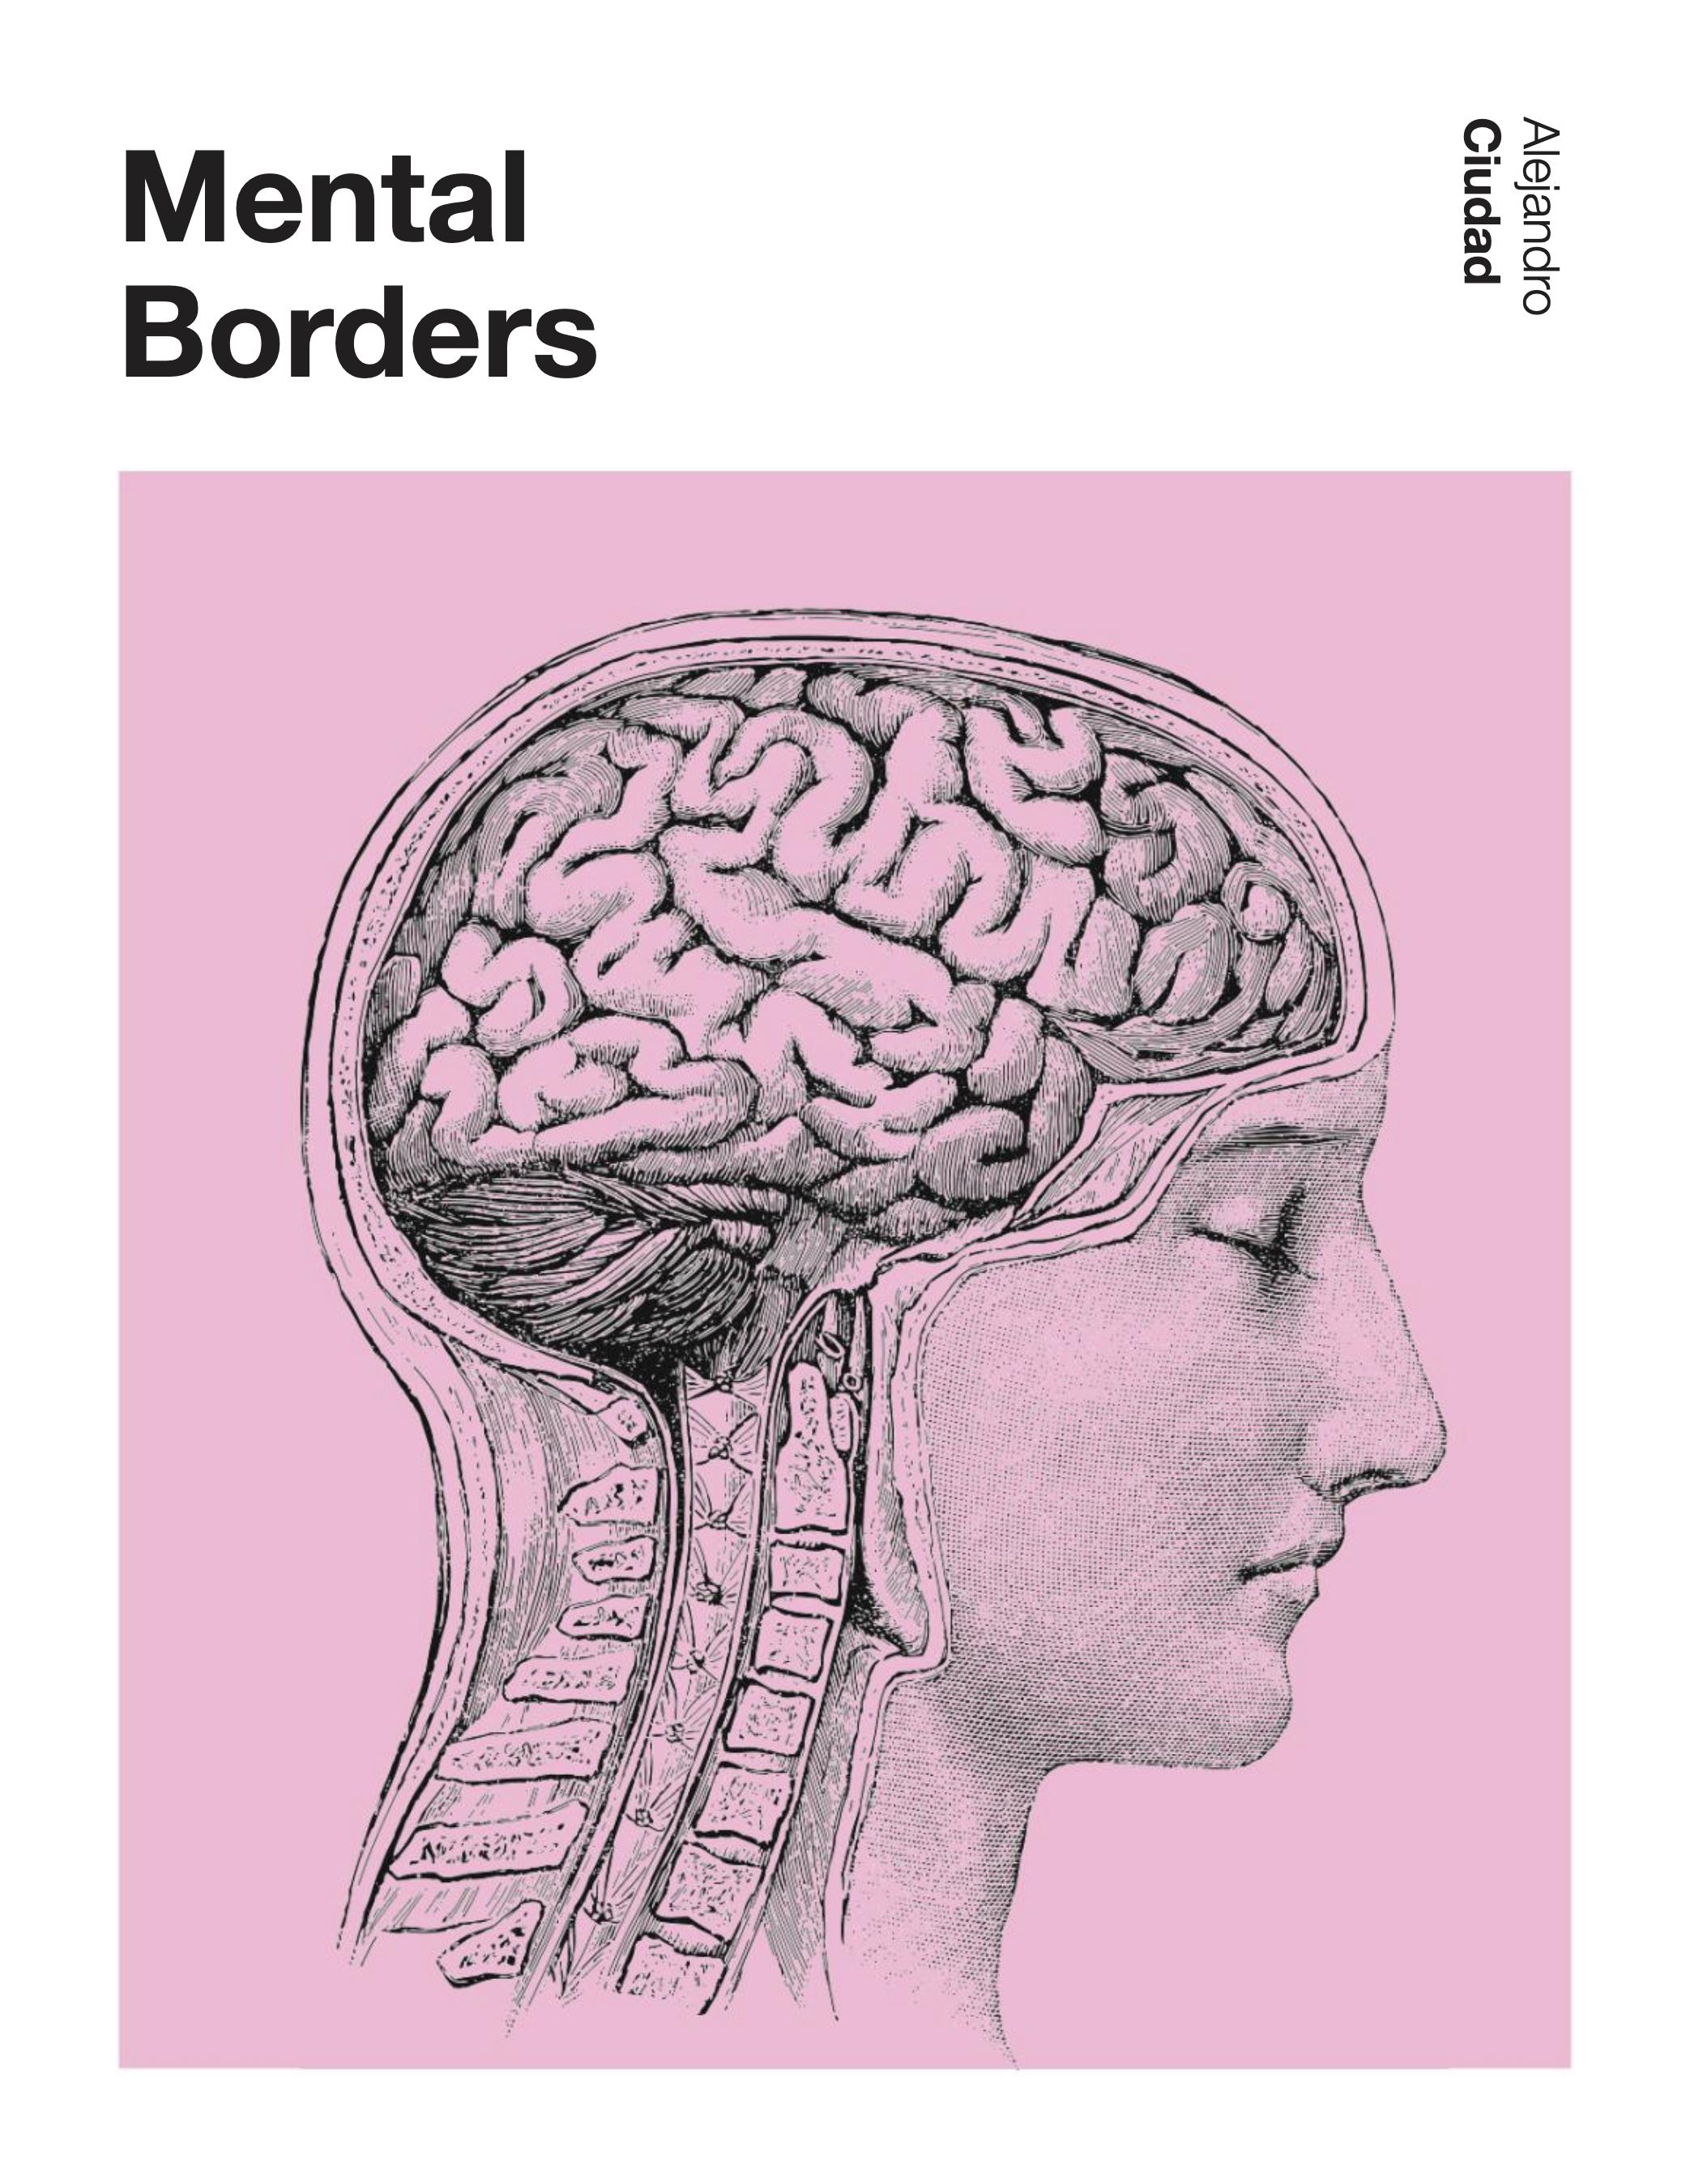 Mental Borders